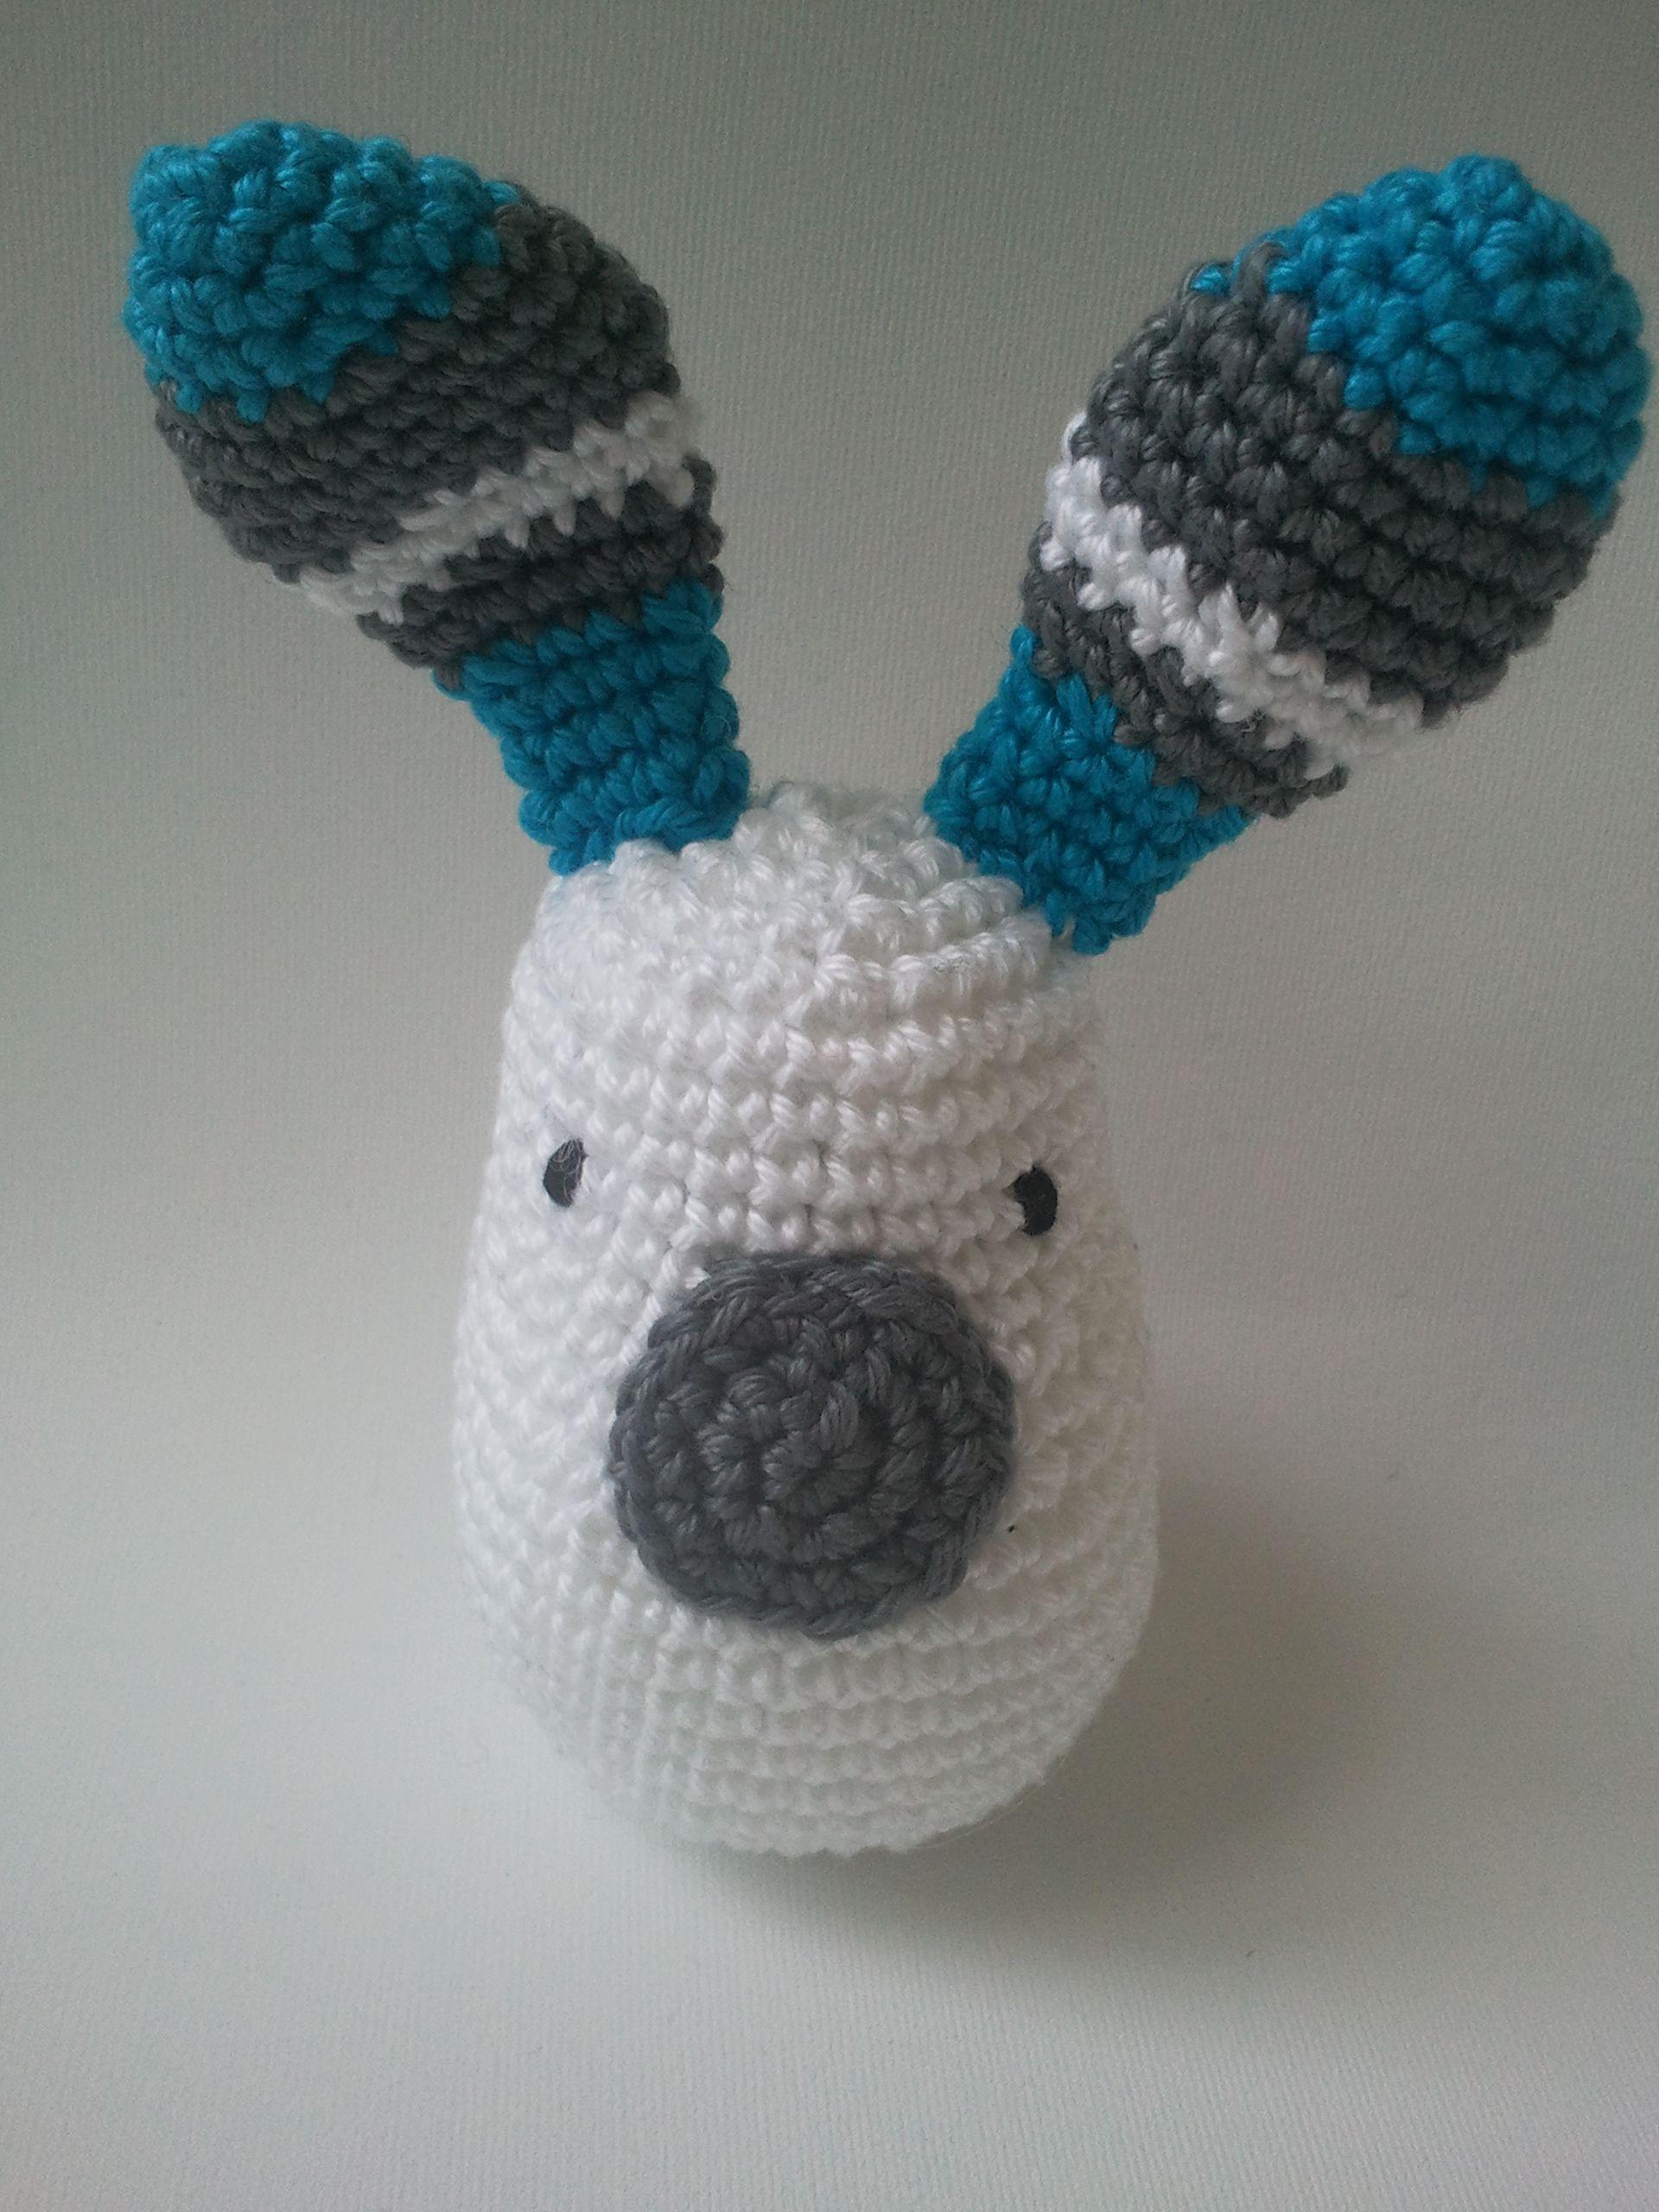 bunny, patroon van stipenhaak